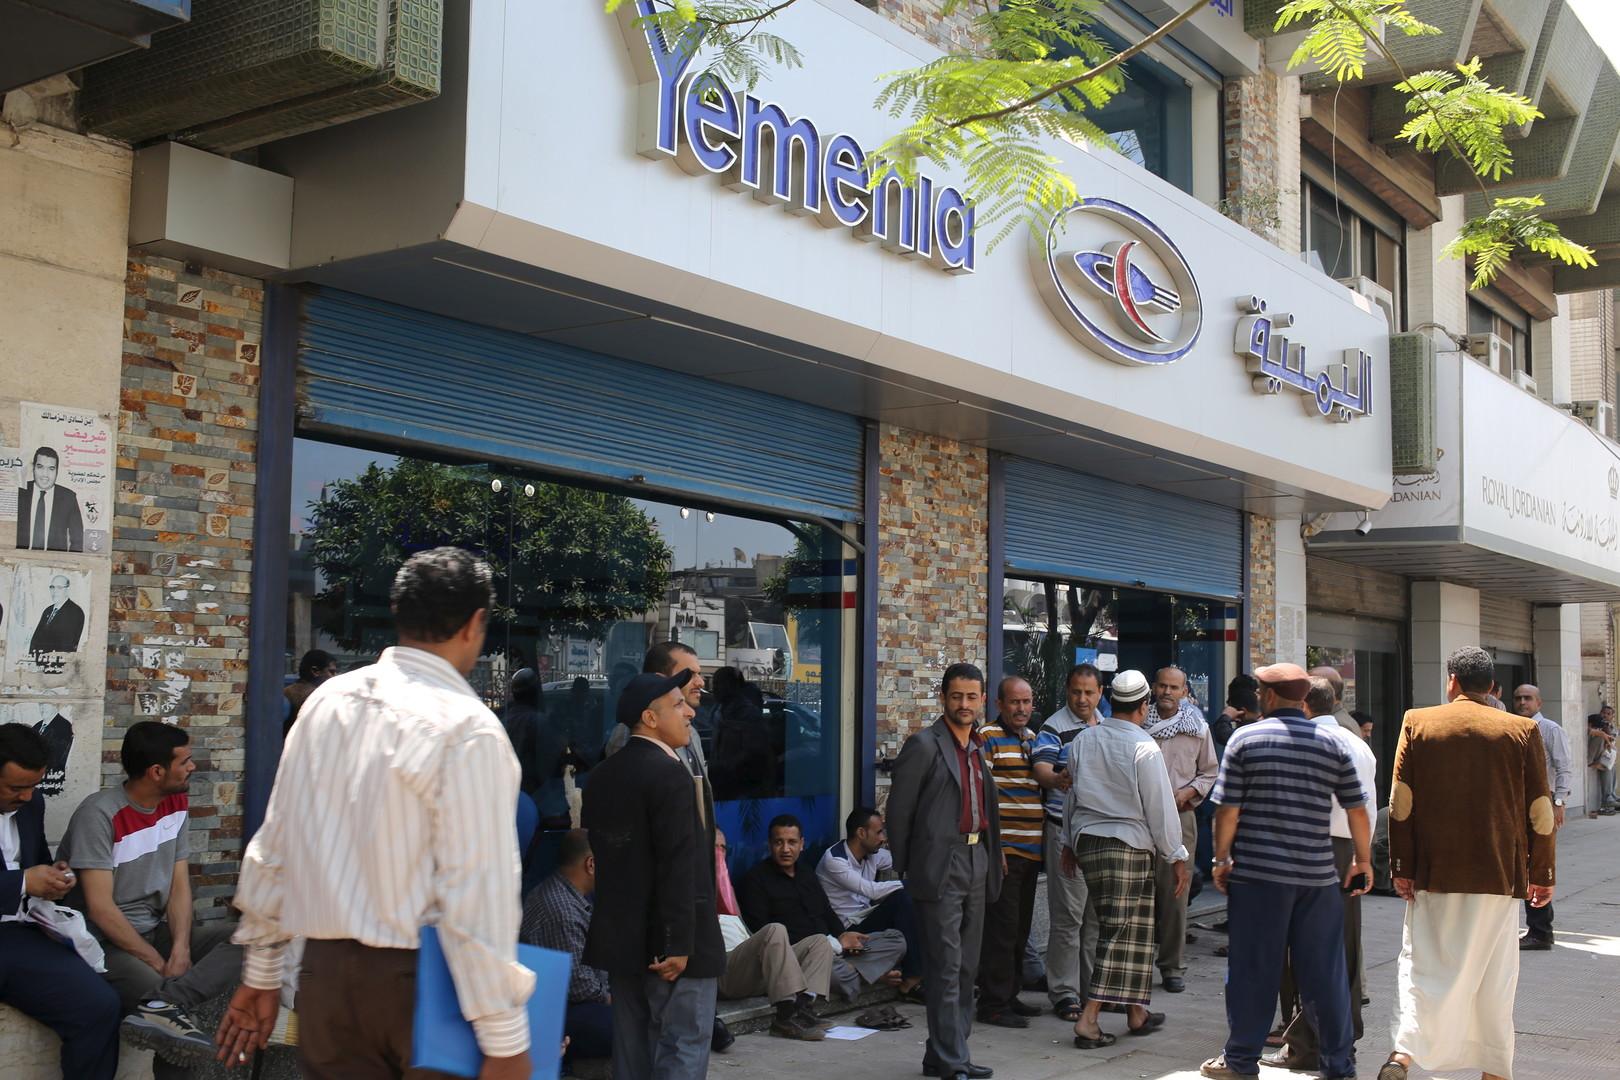 بان كي مون يؤكد تأجيل محادثات جنيف بشأن اليمن